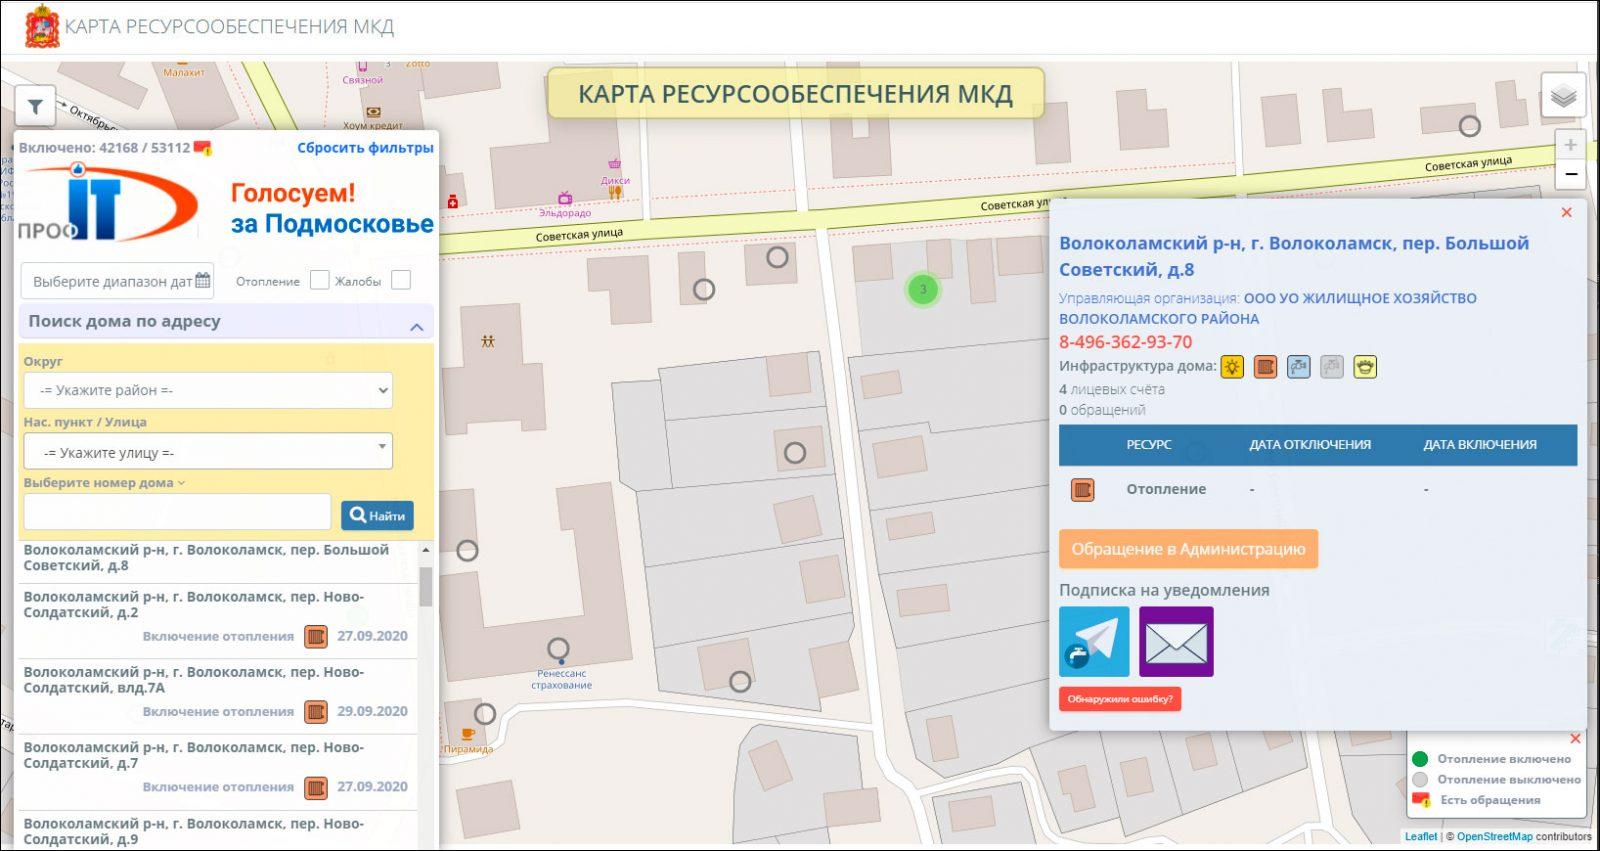 Премию «Народное признание» конкурса «ПРОФ-IT» выиграл проект Московской области